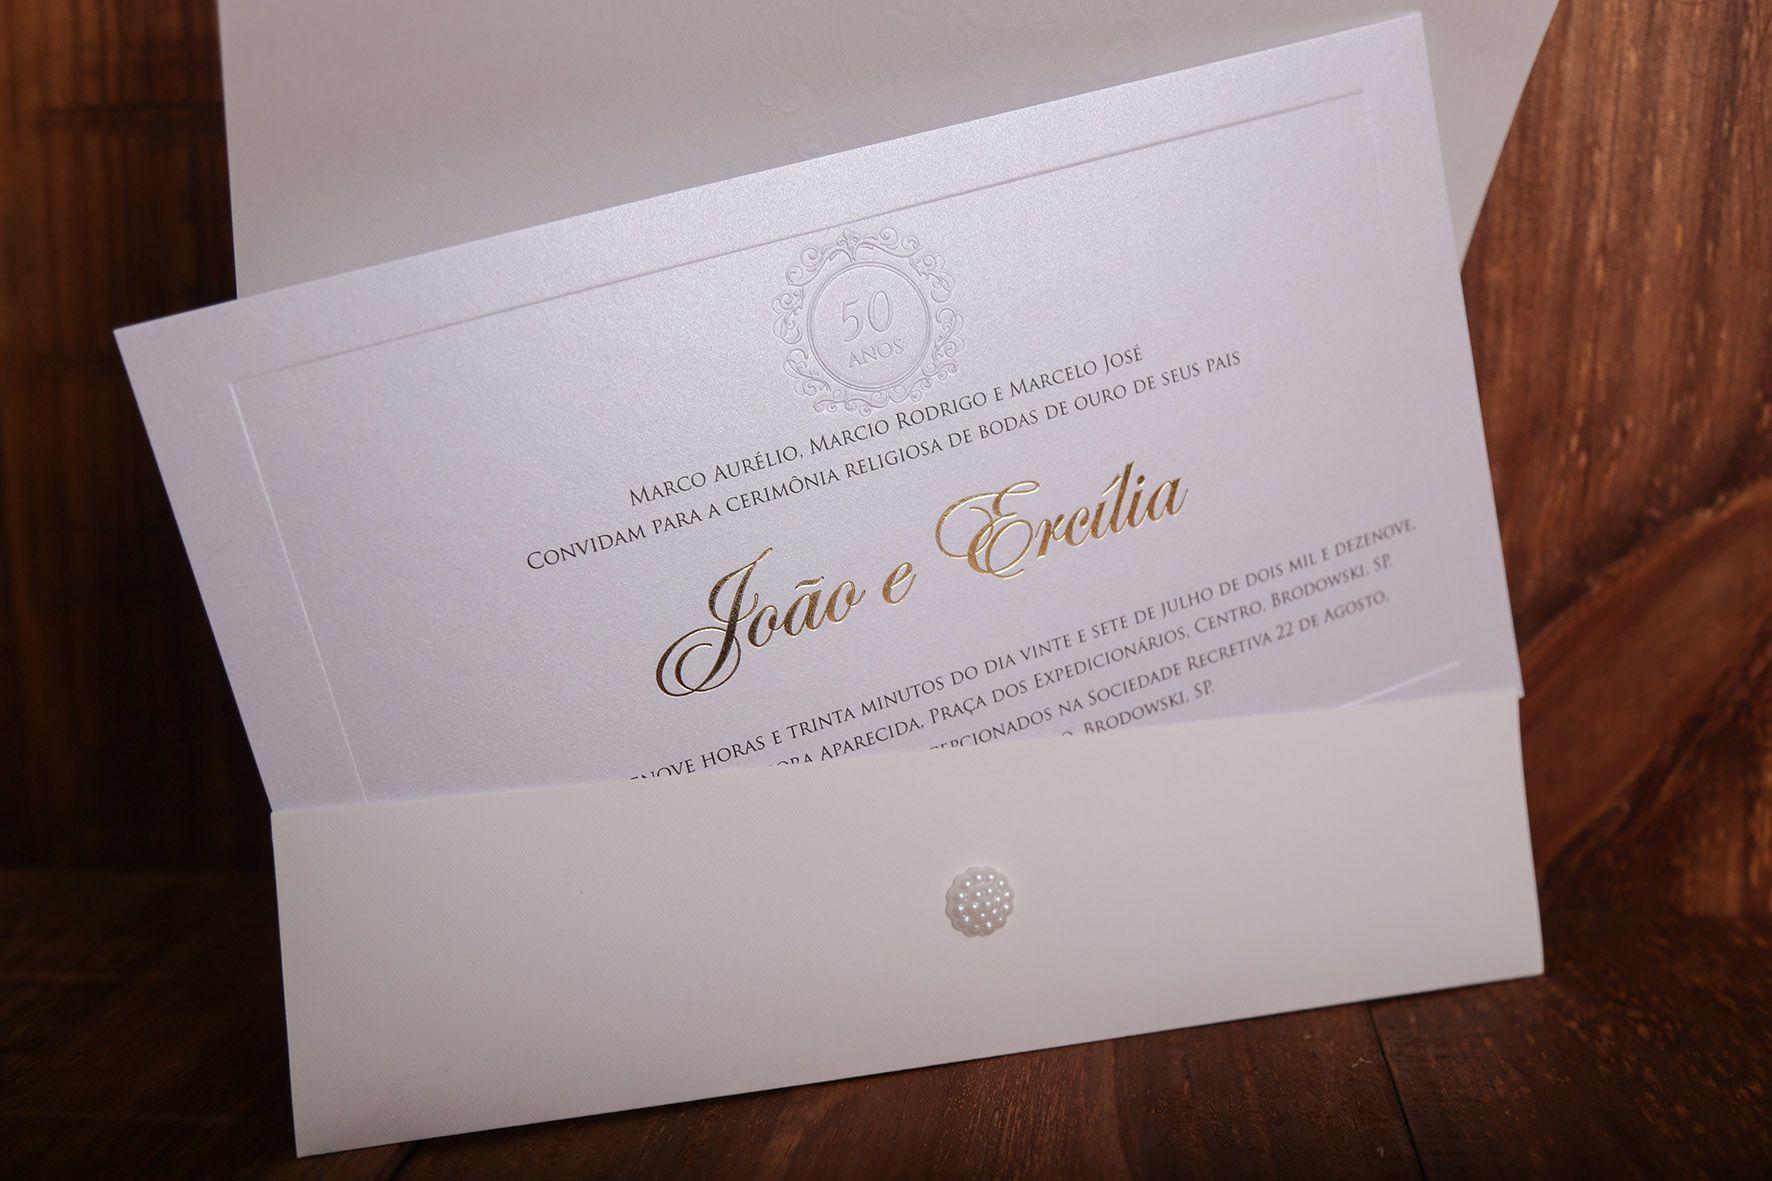 Convite para Bodas de Ouro com Relevo Seco, Almofada e Hot Stamping